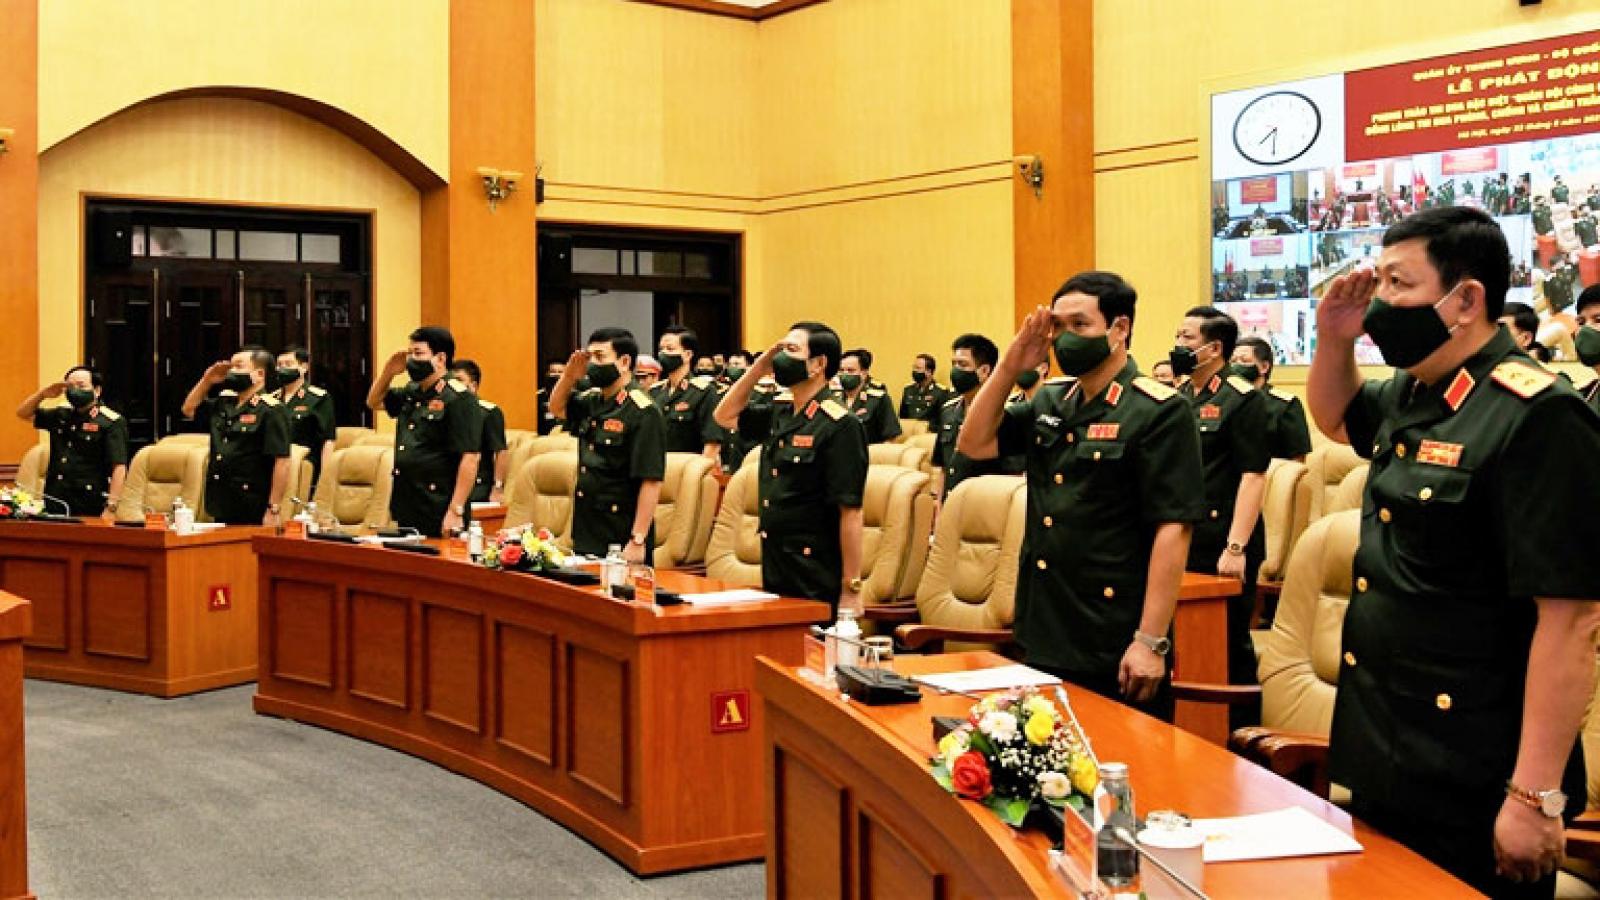 Phát động phong trào thi đua đặc biệt Quân đội cùng cả nước chống dịch